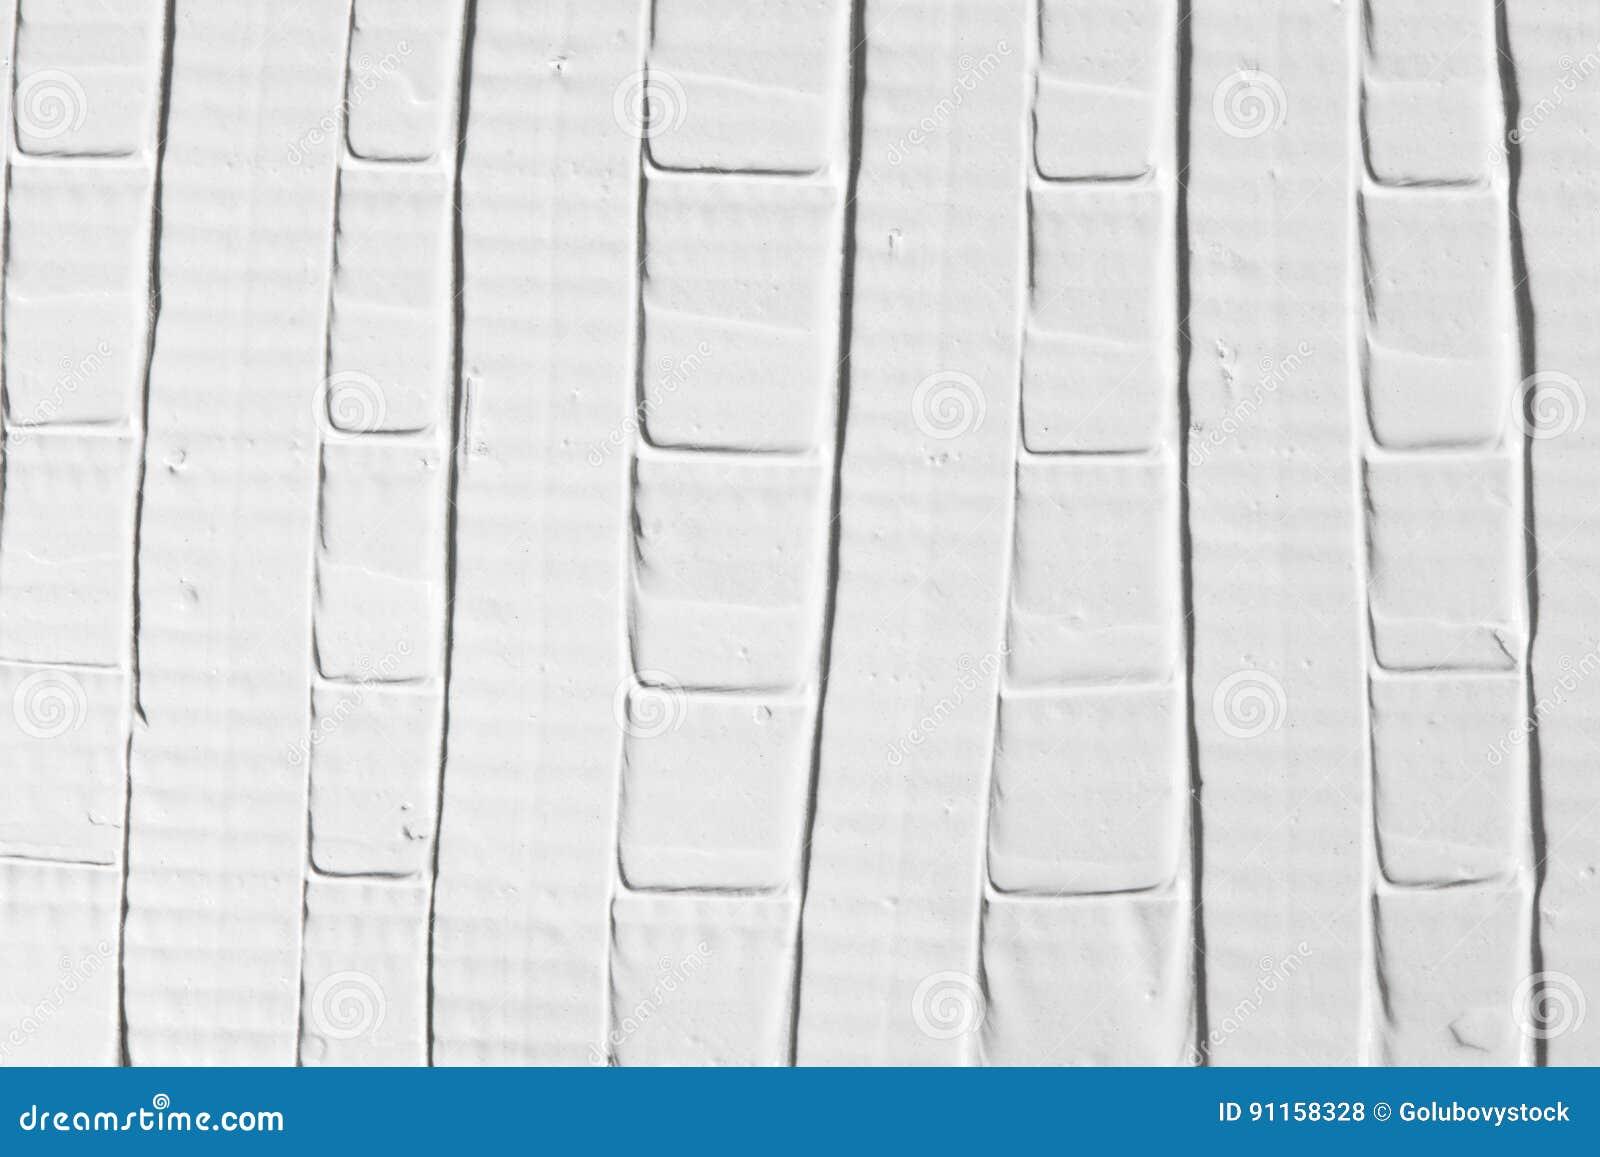 Белый фон сброса, декоративная текстура гипсолита